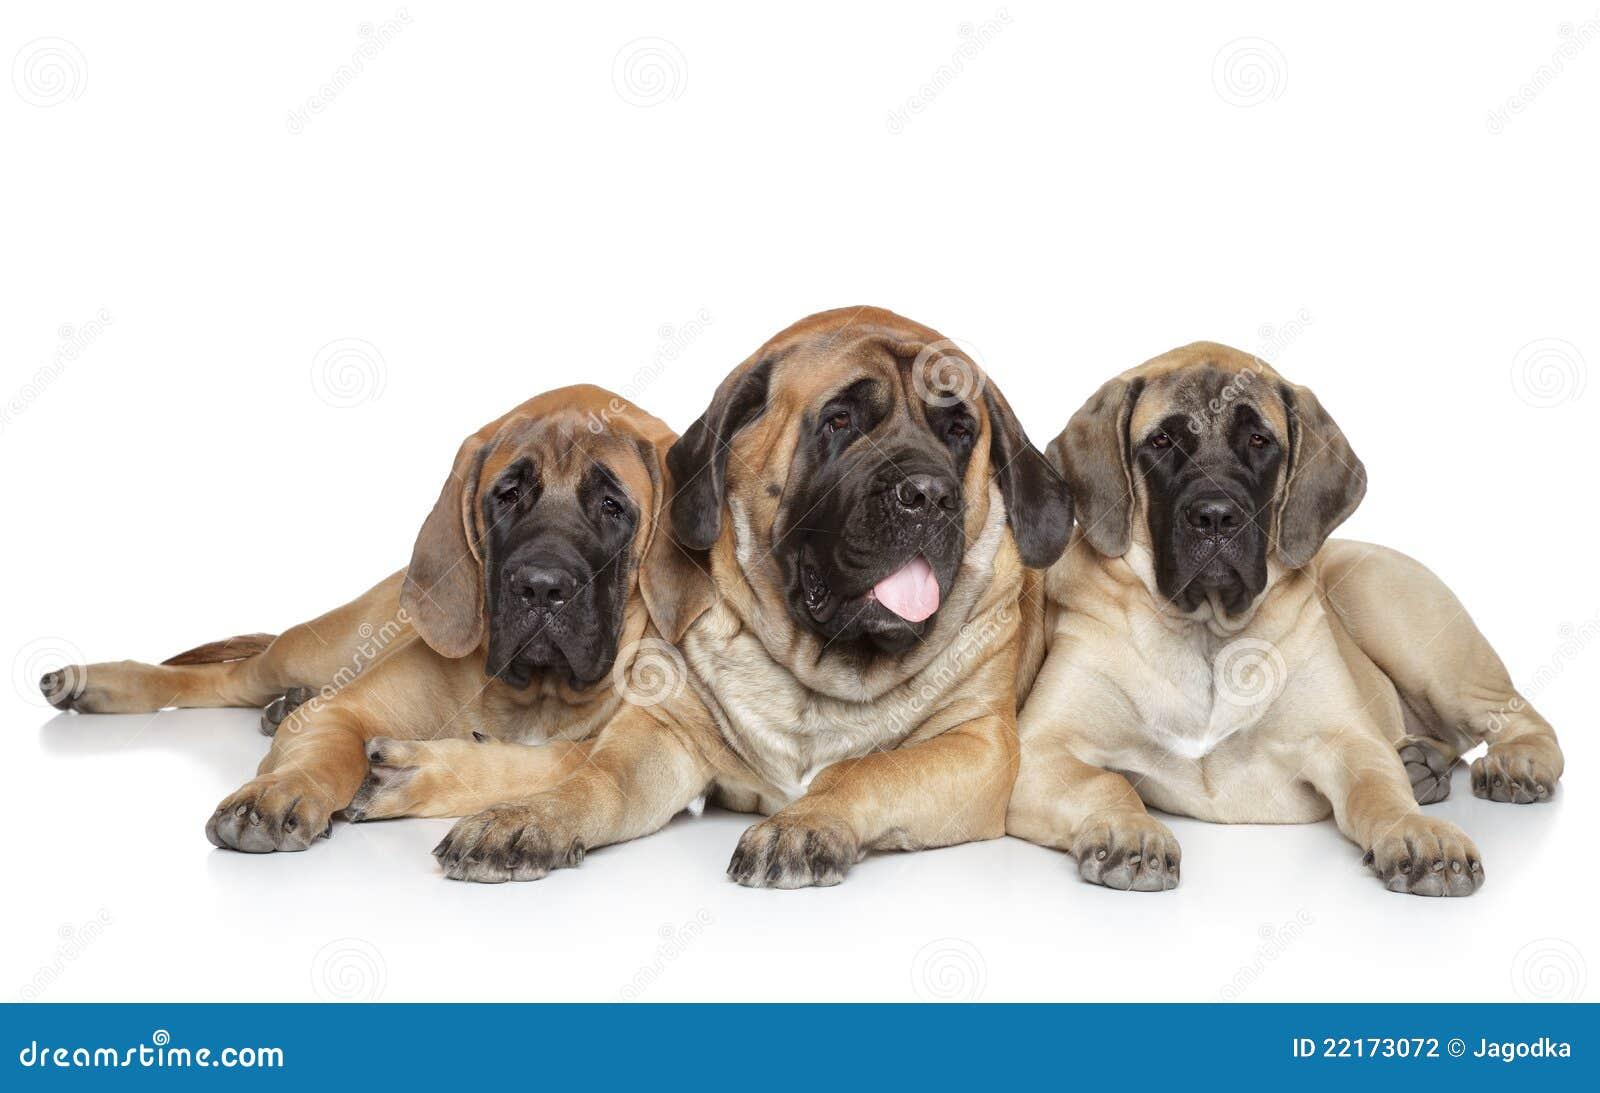 English Mastiff dogs on white background